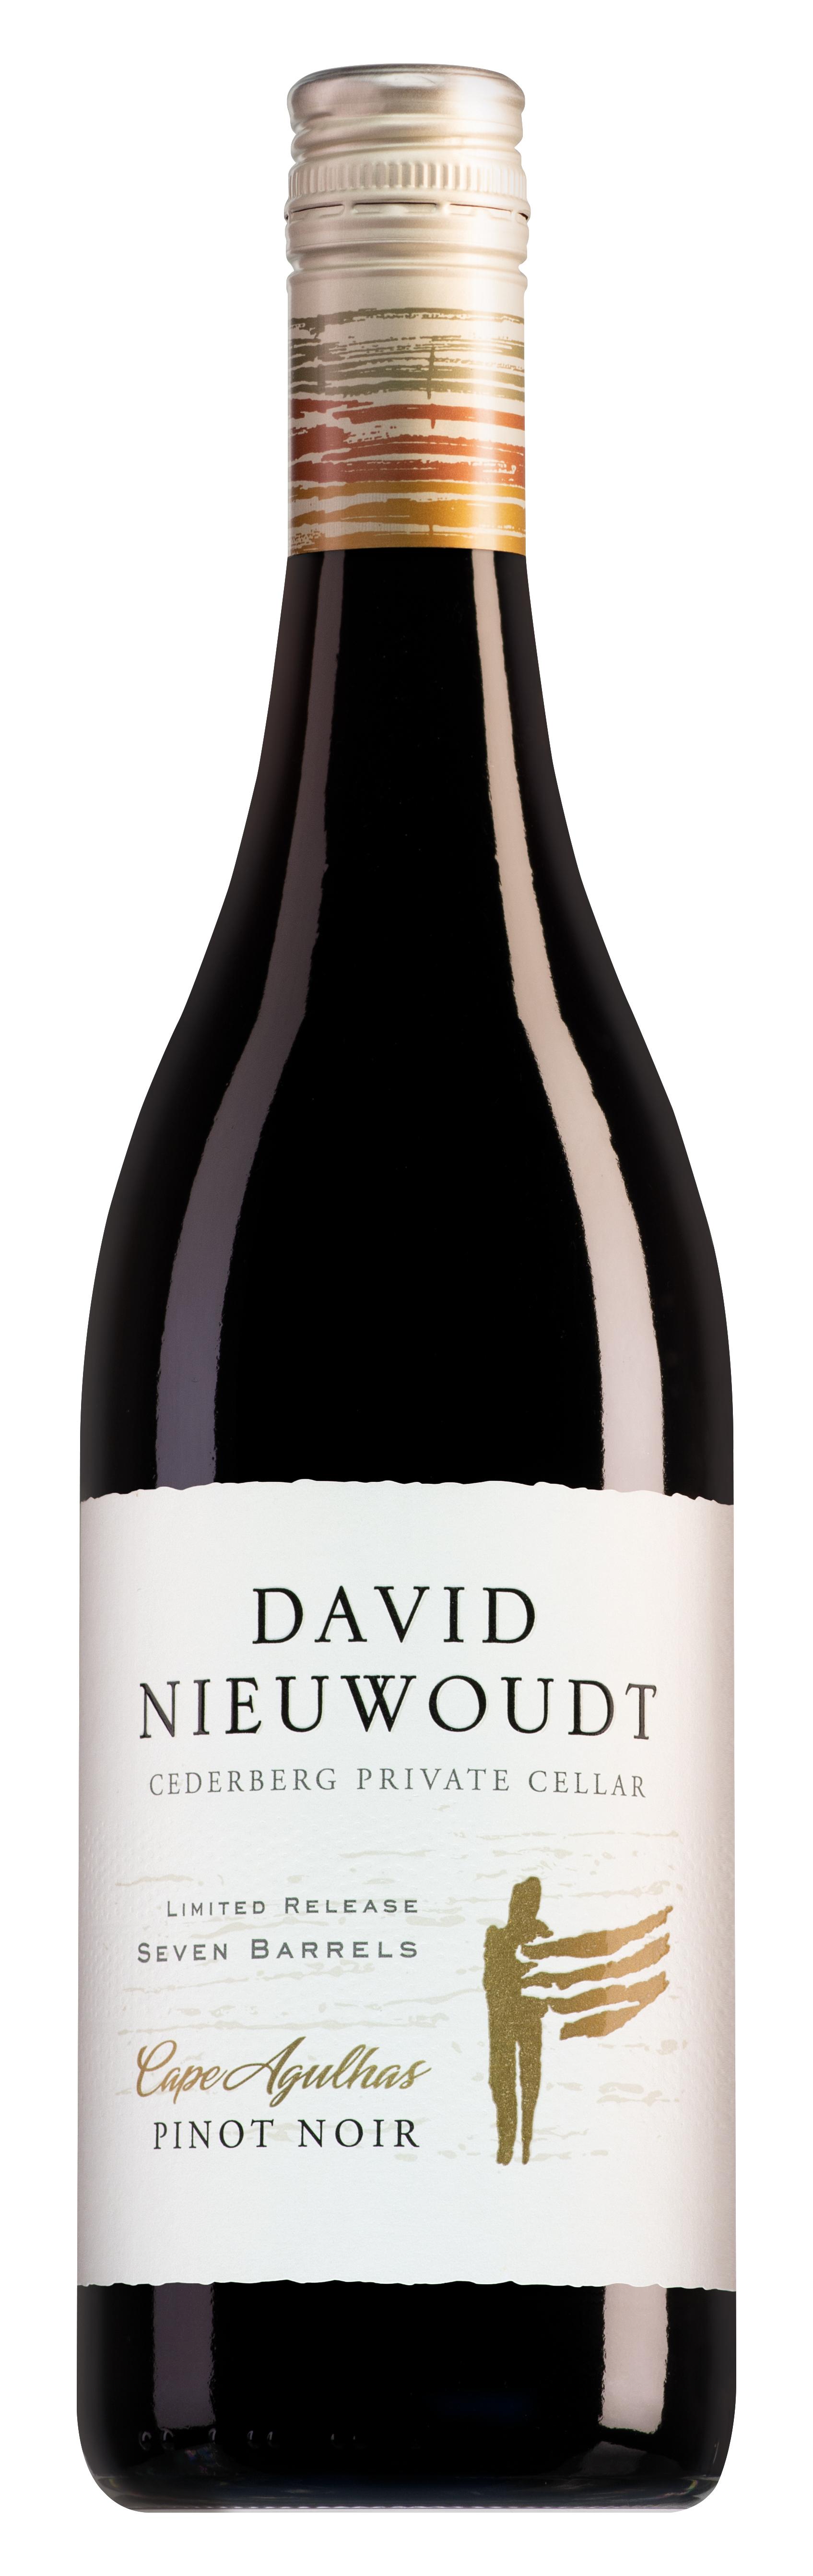 Cederberg's David Nieuwoudt Pinot Noir Limited Release 7 Barrels